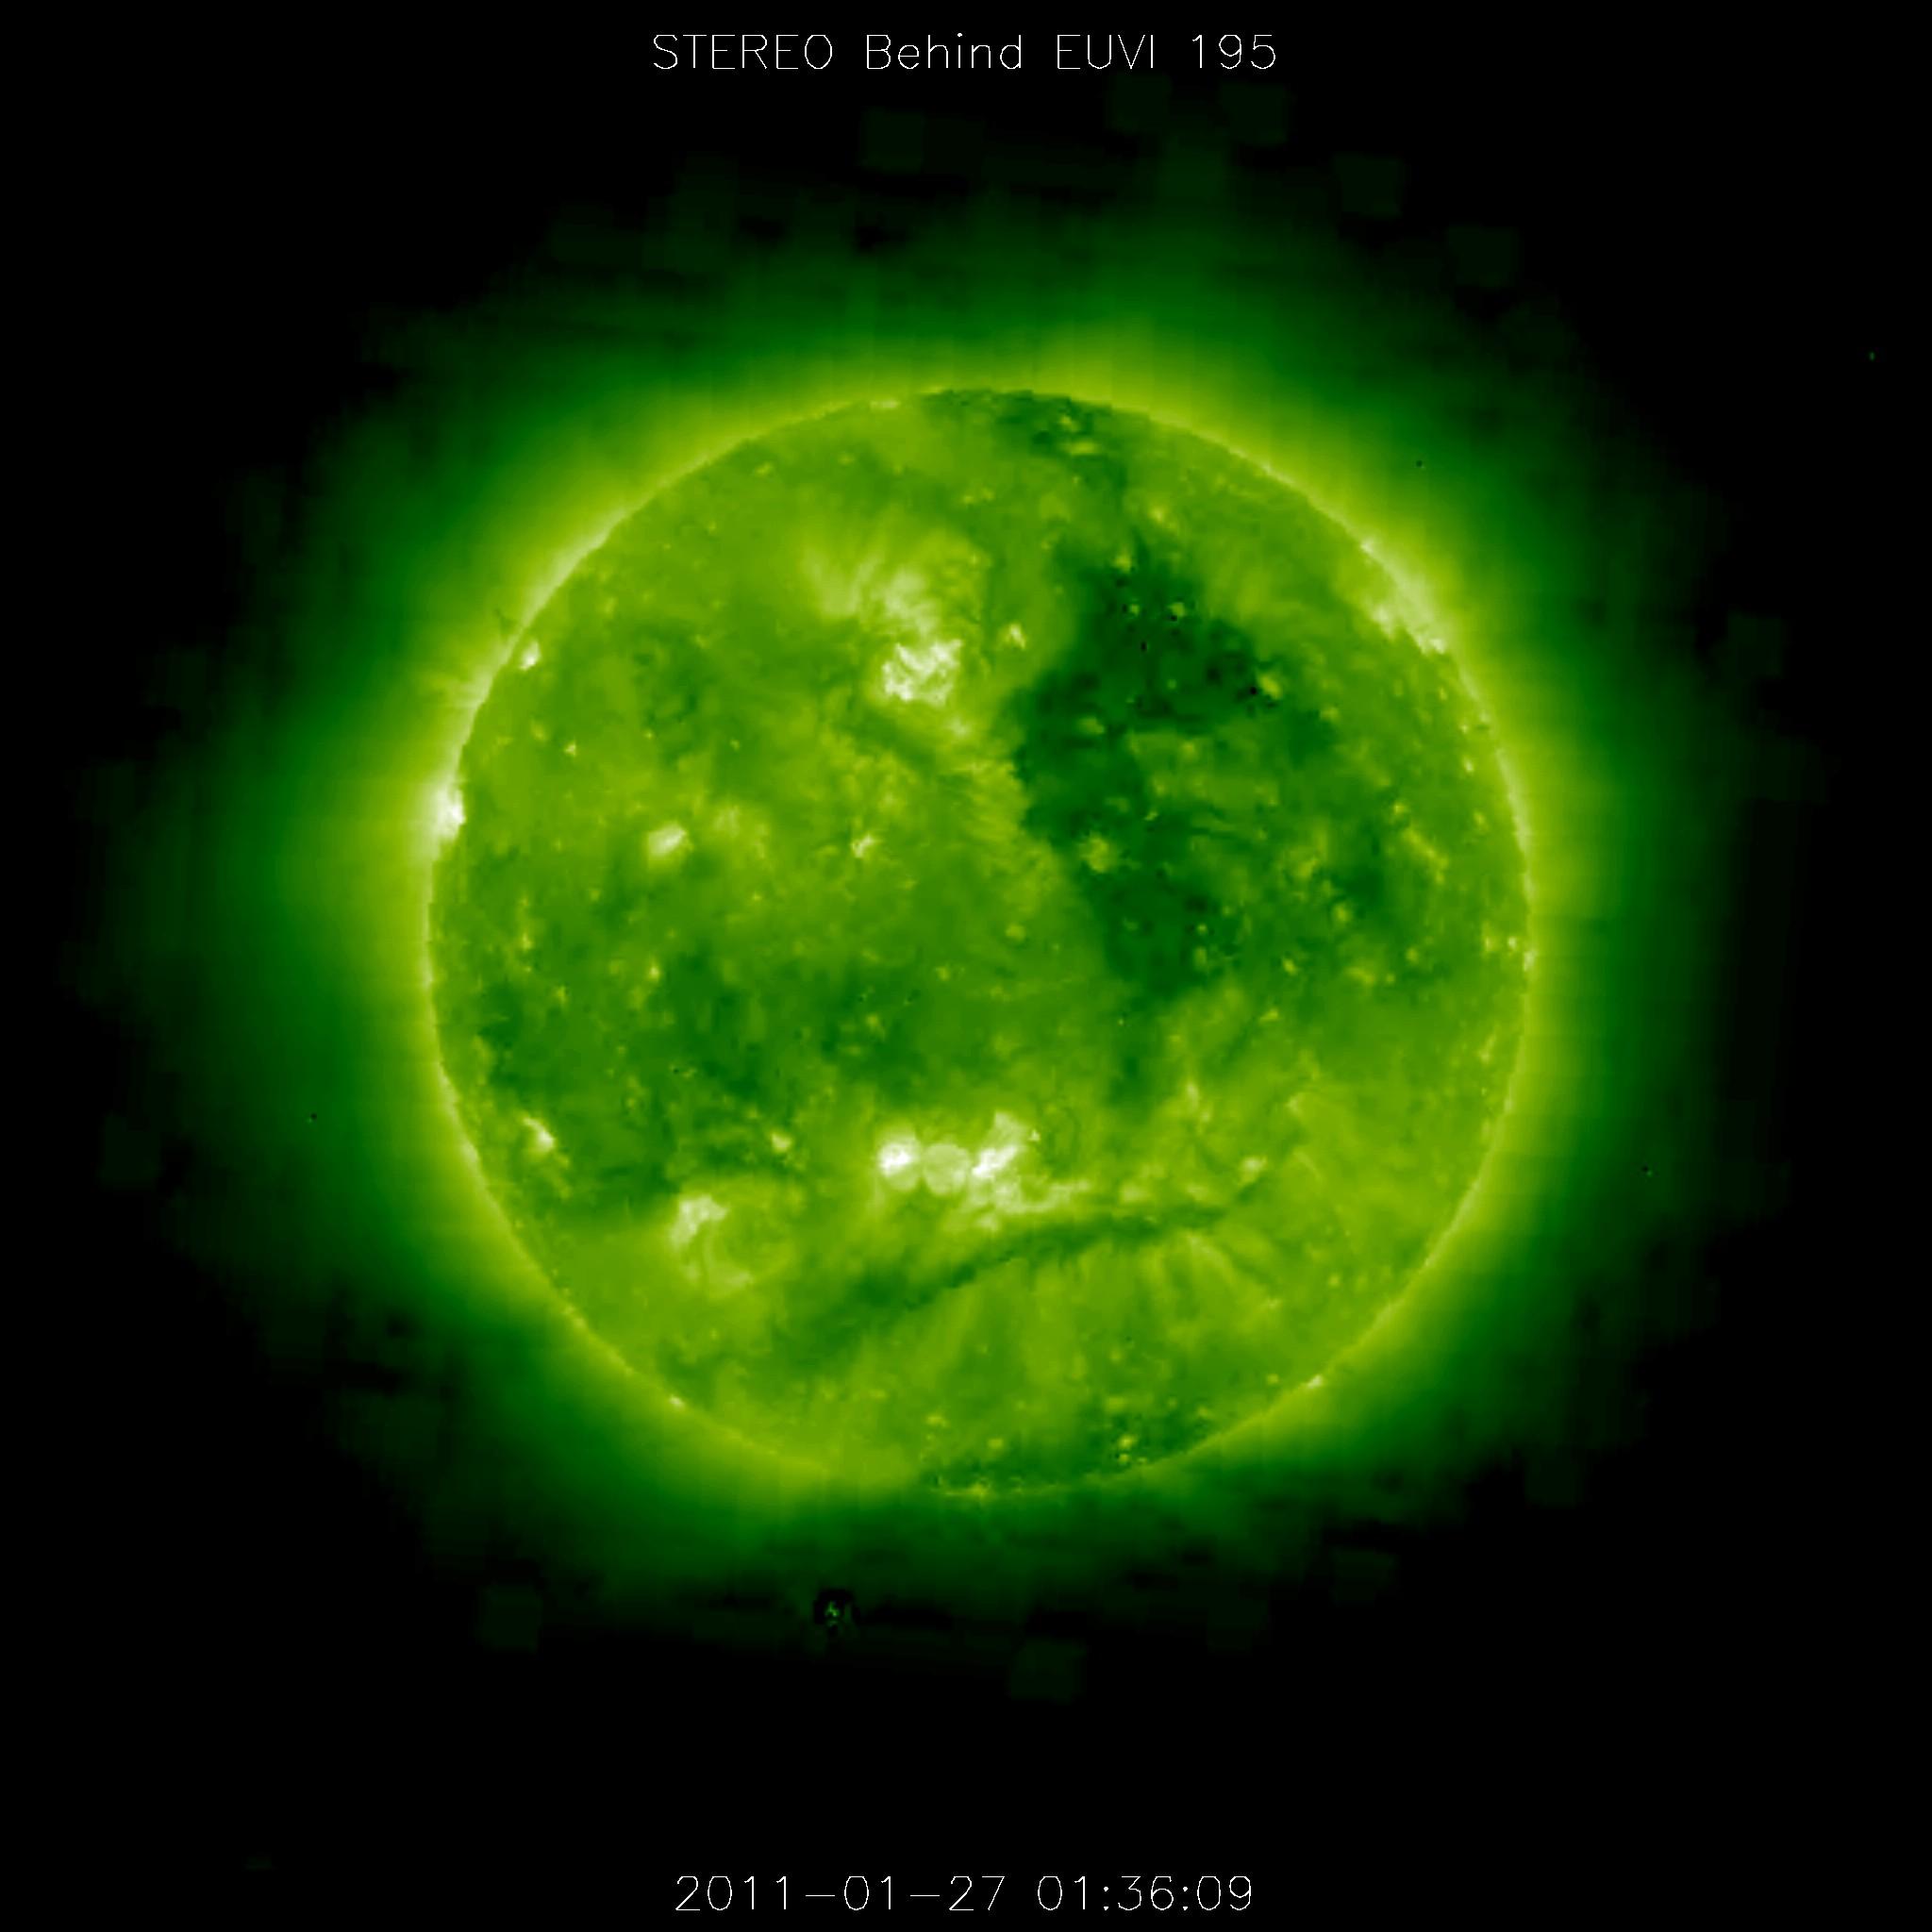 やつらがまたやって来た!:太陽を周回する謎の巨大物体たち_e0171614_21452143.jpg